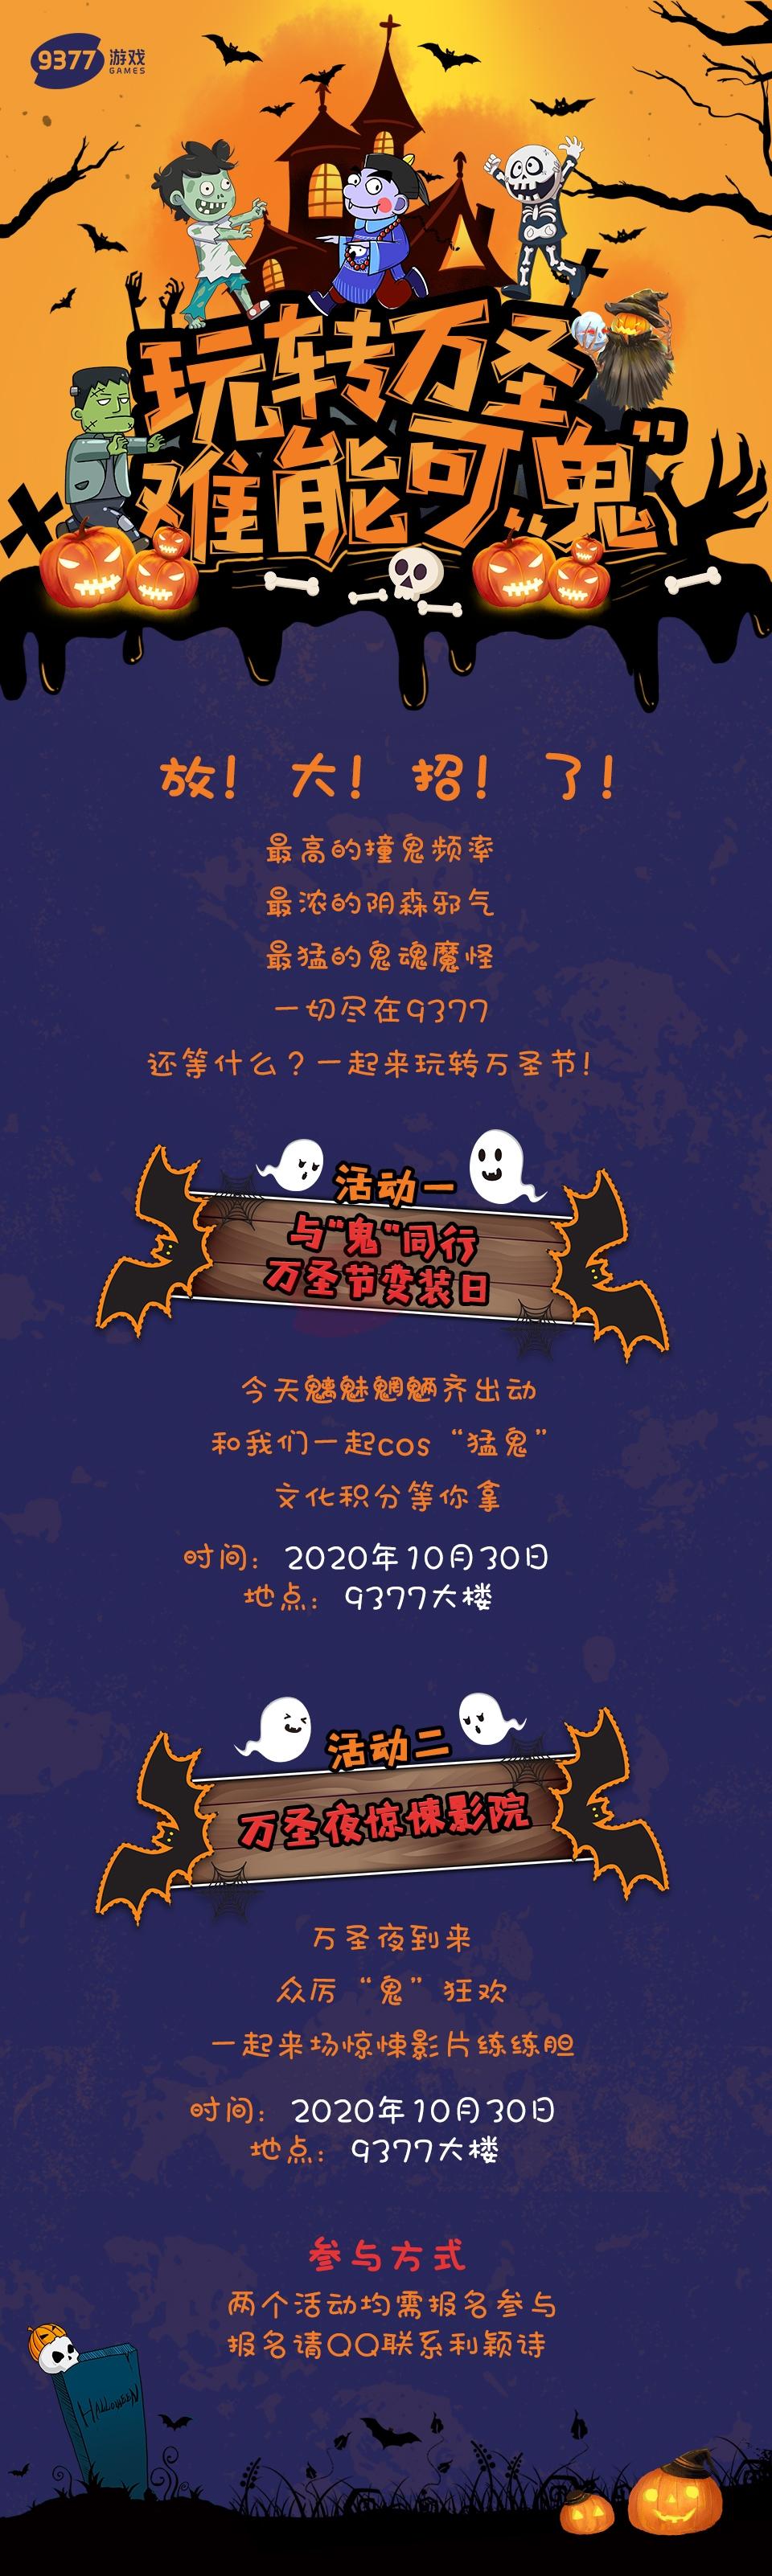 万圣节活动海报-960.jpg